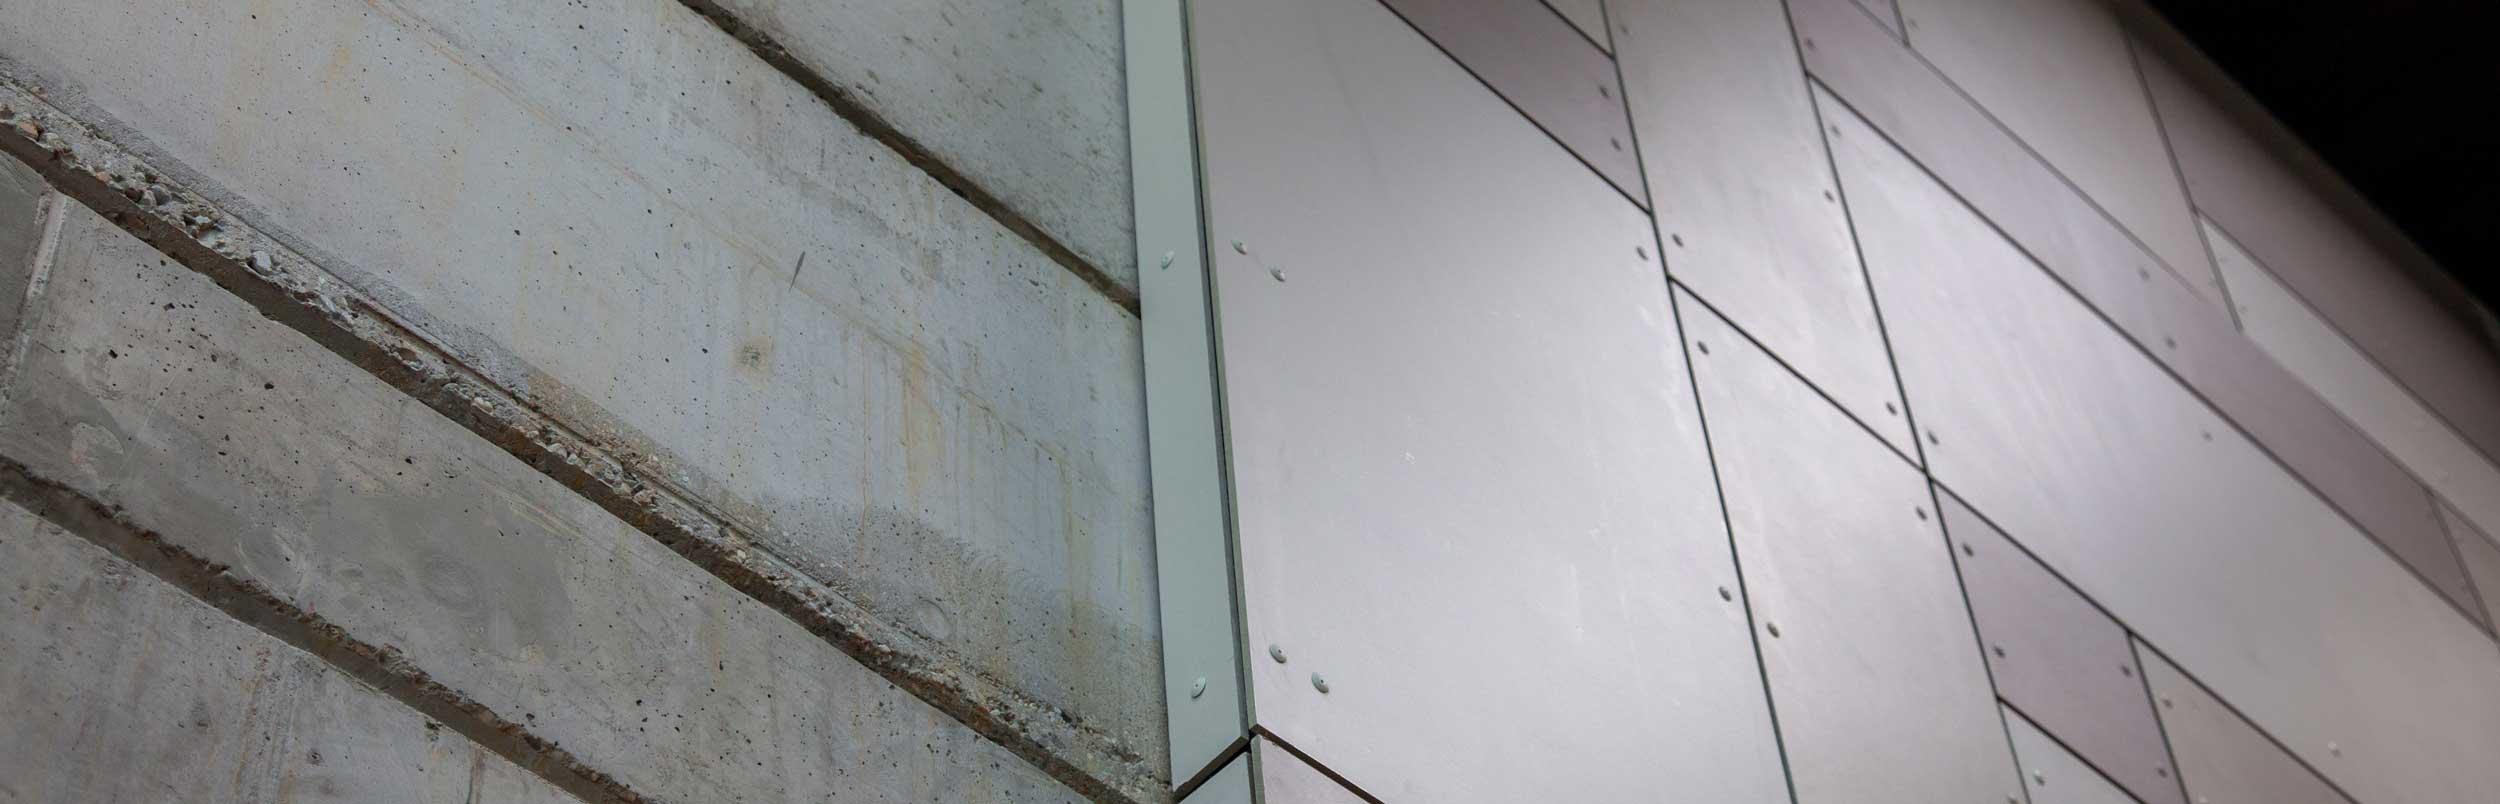 Fassade Leydecker_12-_MG_0835